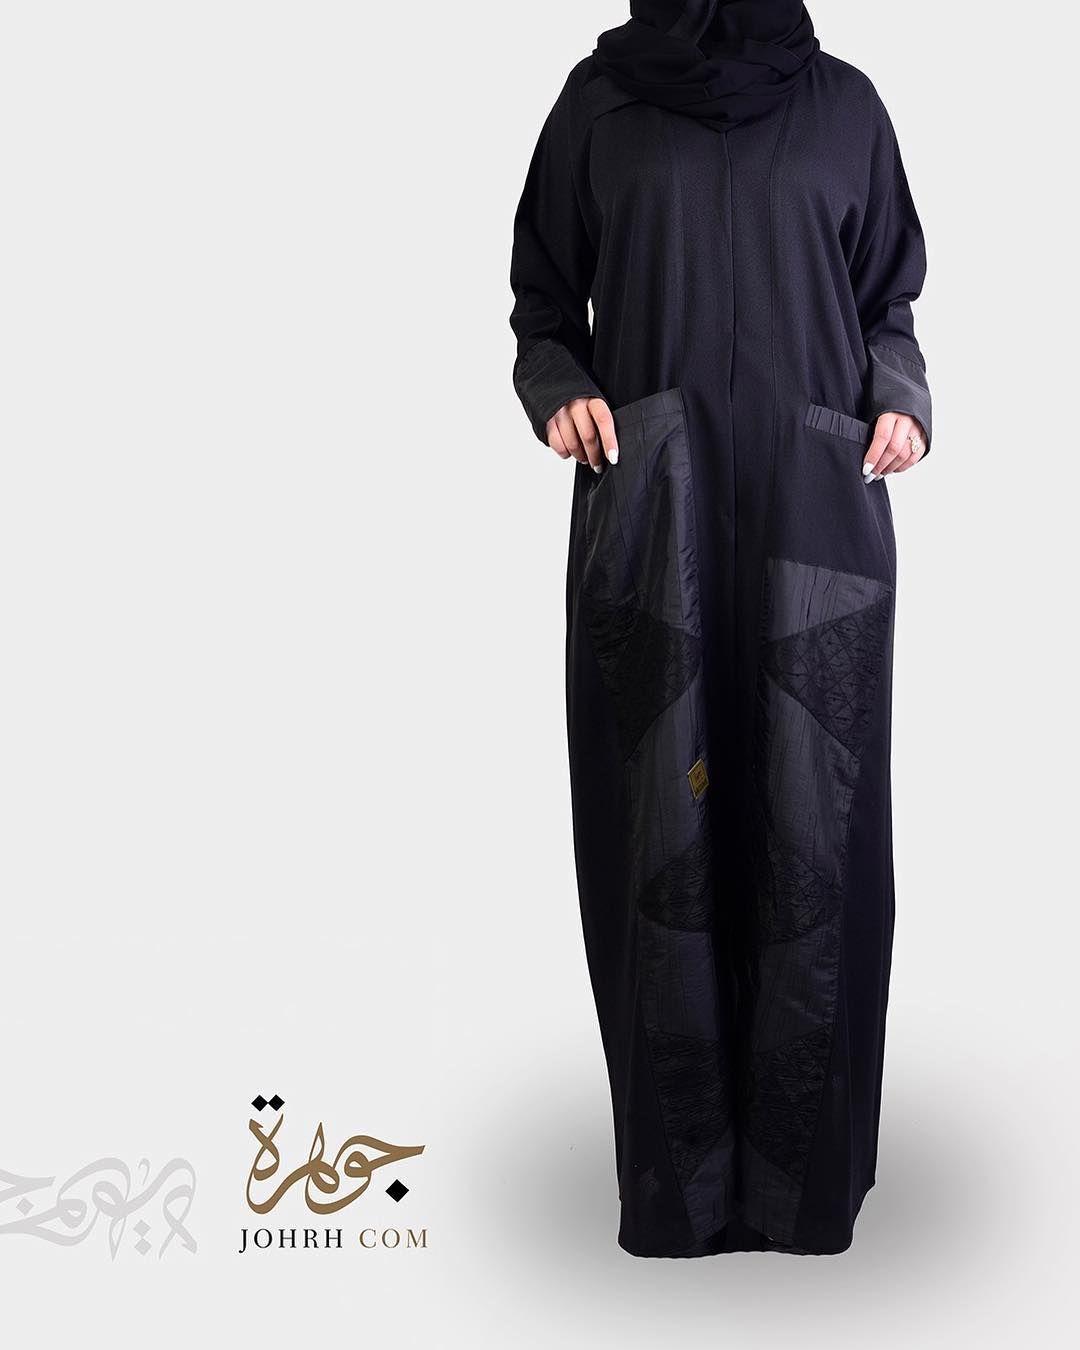 السعر 220 عباءة خيش مع شنتون مثلثات تألقي مع هذه العباءة ذات القماش المميز من الخيش والمزين بتداخل الشنتون بشكل مثلثات من الجيوب ال Fashion Maxi Dress Dresses